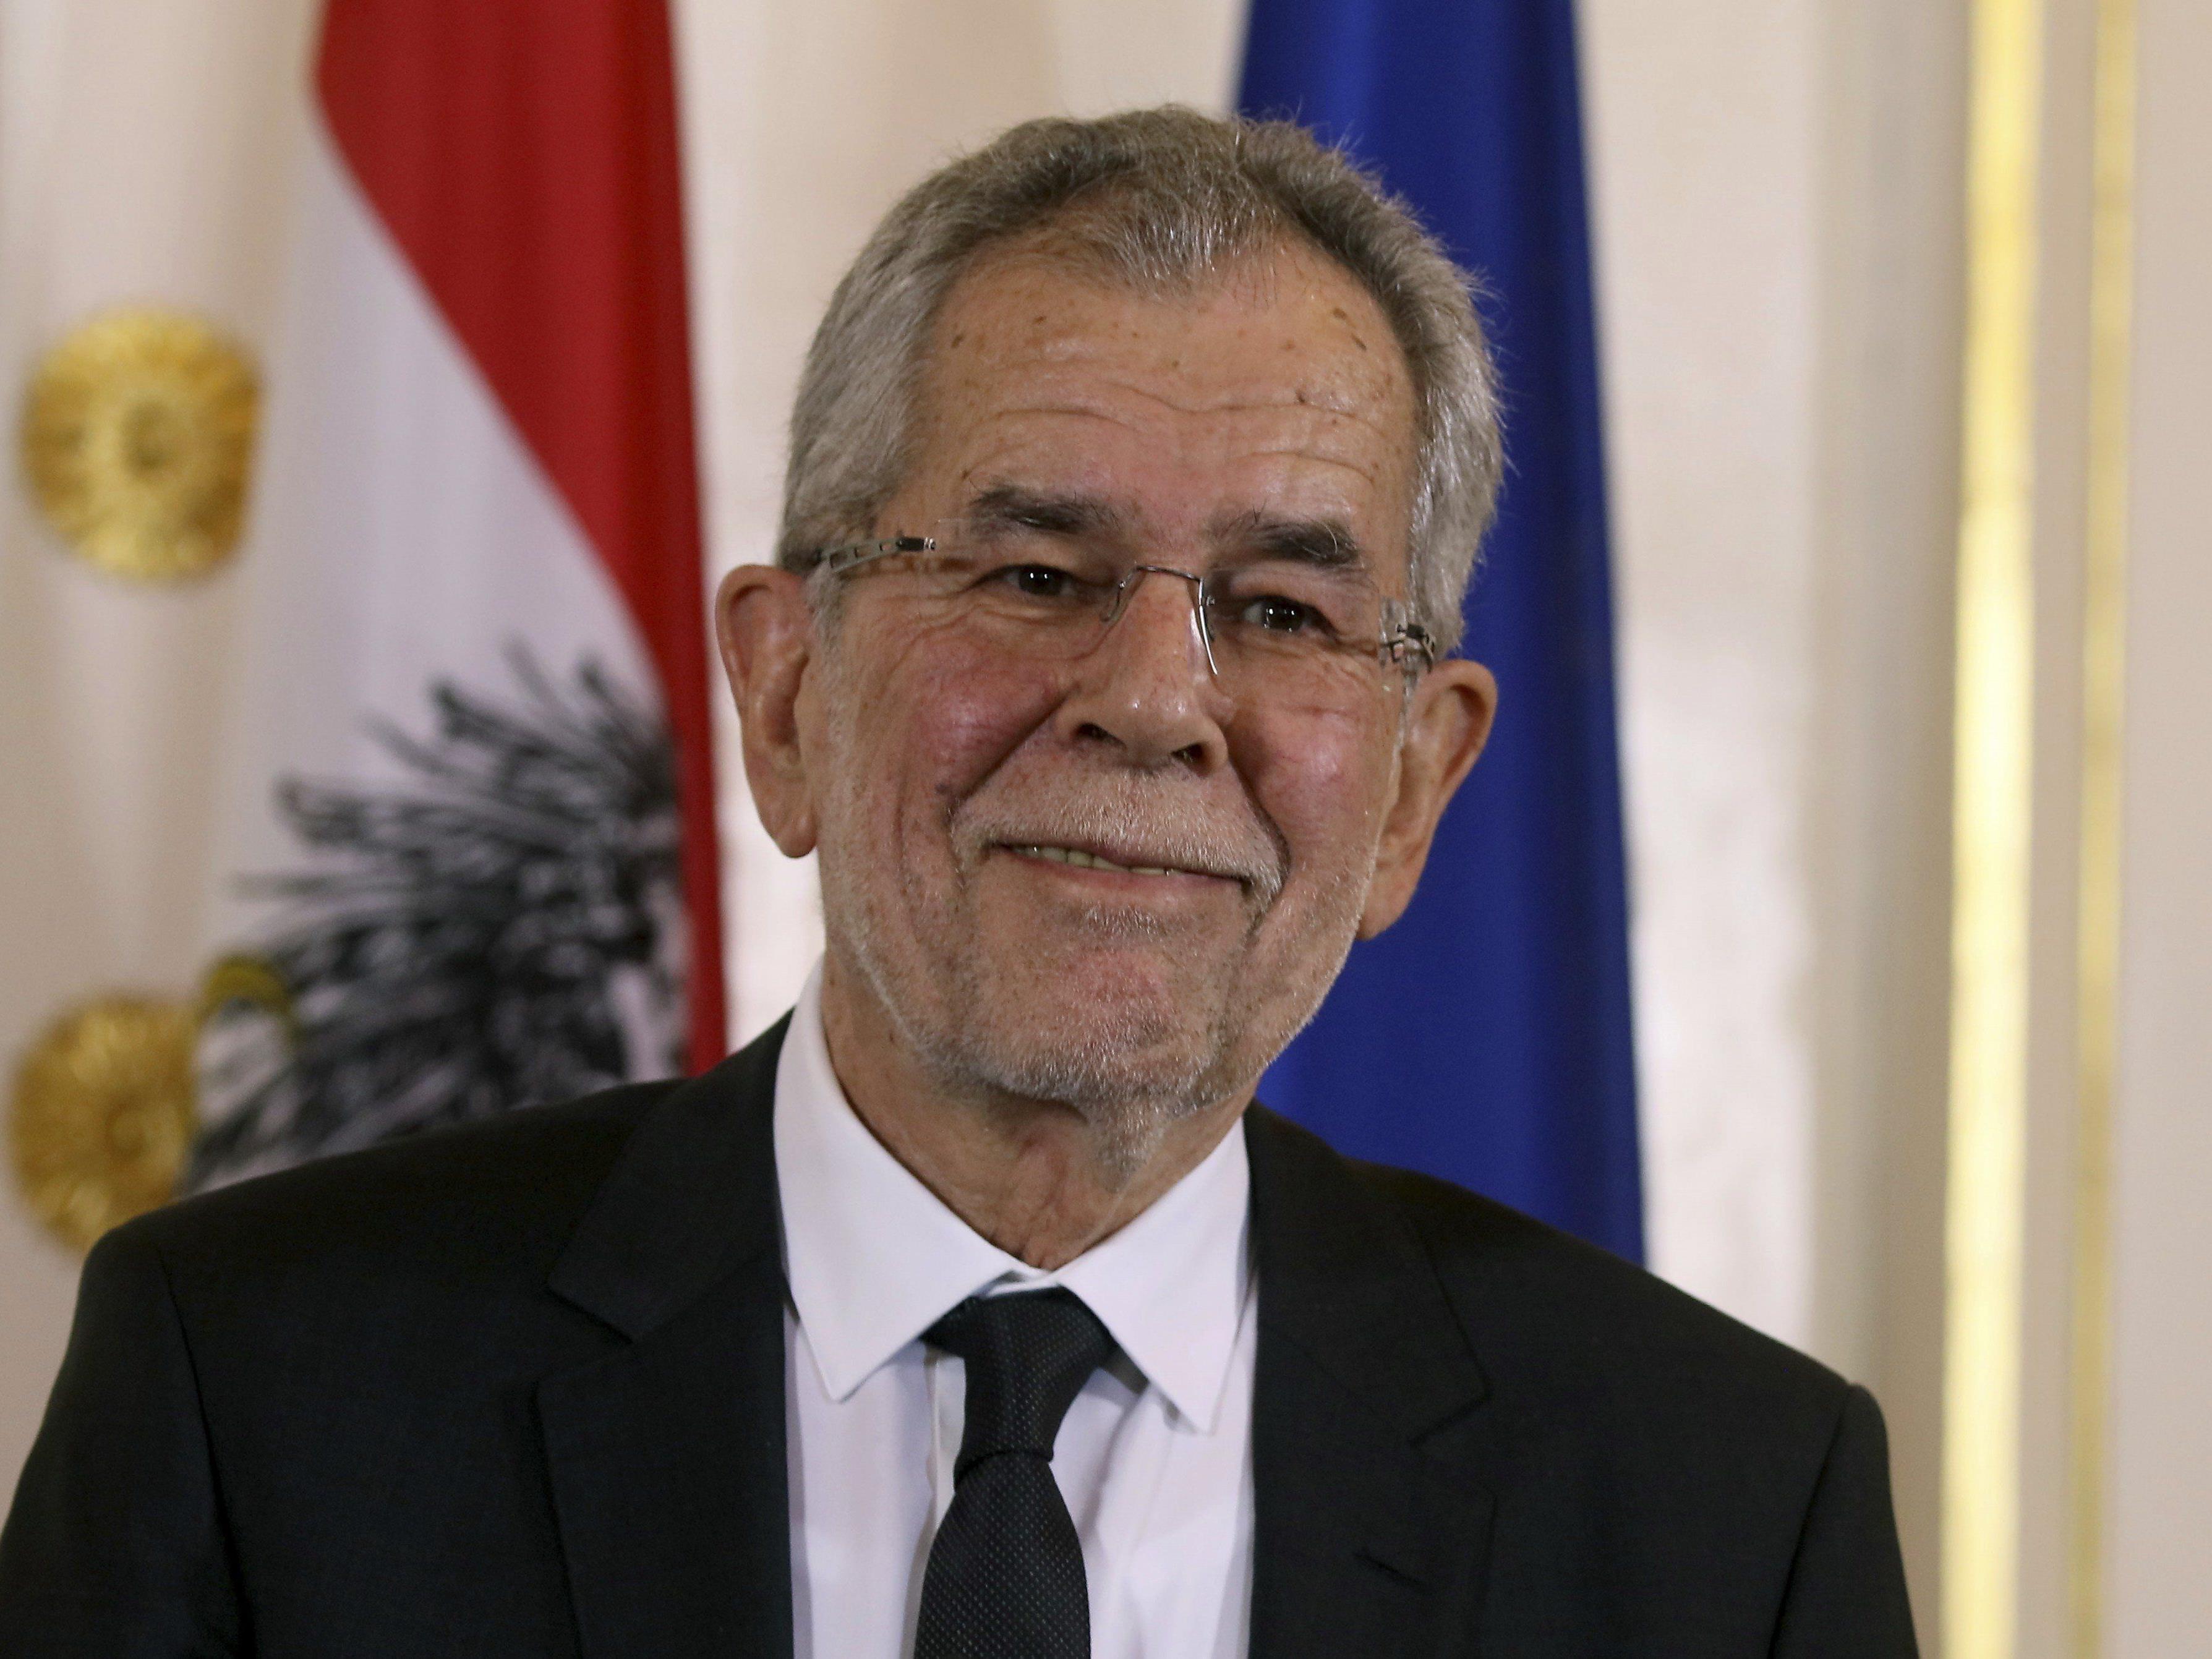 Am 26. Jänner wird Alexander Van der Bellen als Bundespräsident angelobt.